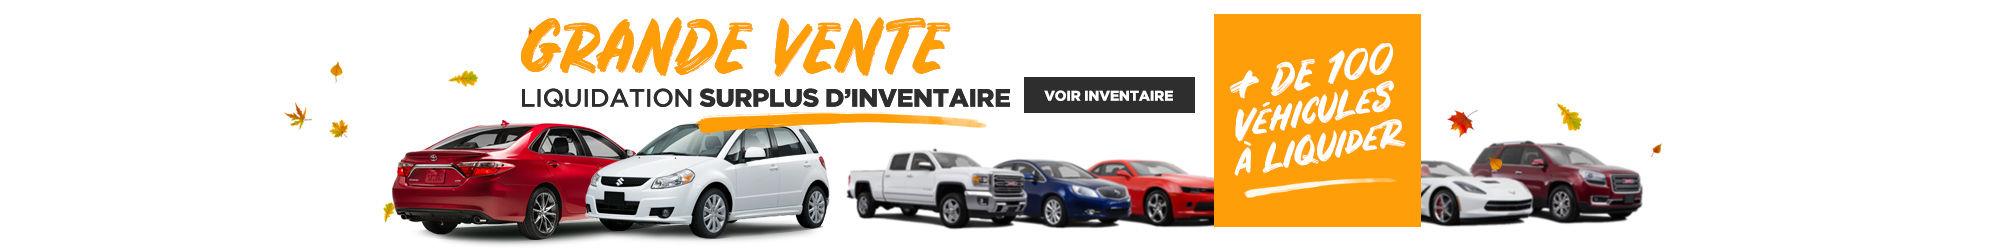 GRANDE VENTE liquidation surplus d'inventaire